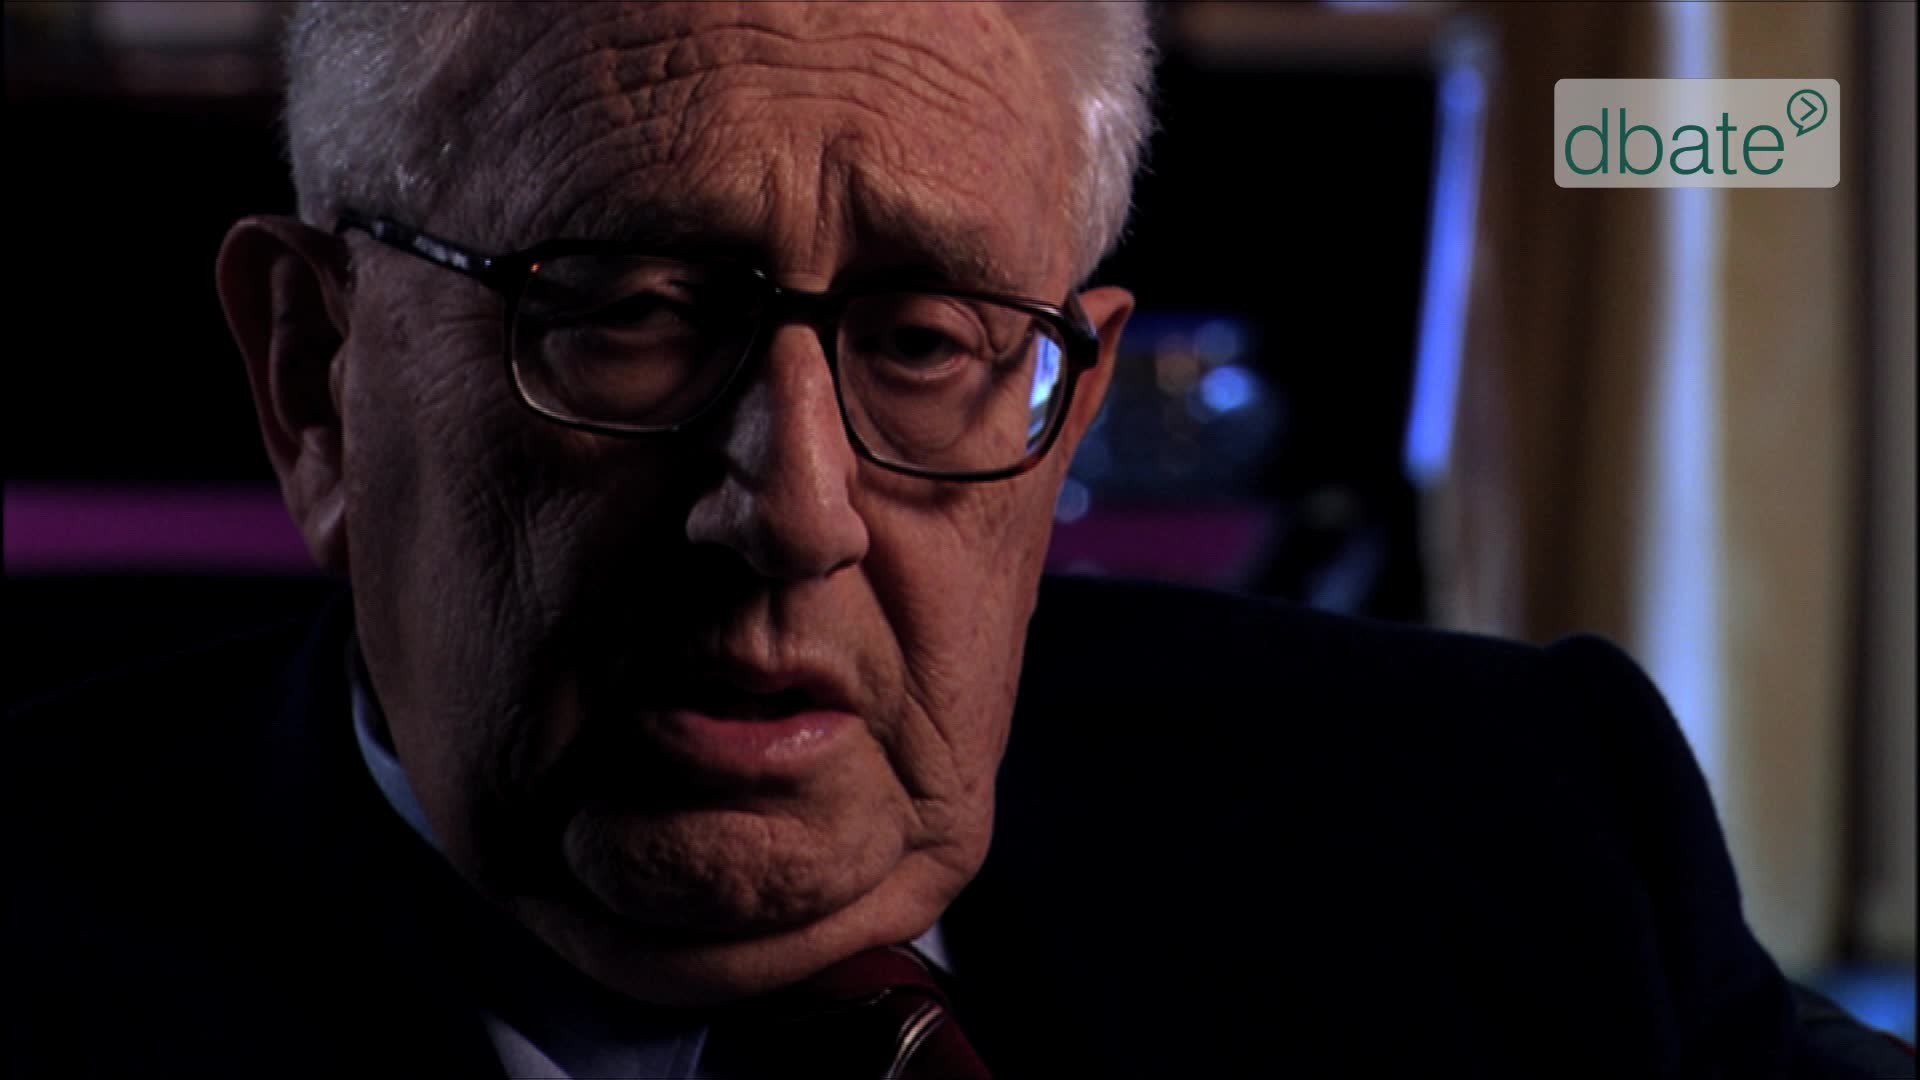 Screenshot_Henry Kissinger_dbate (2)